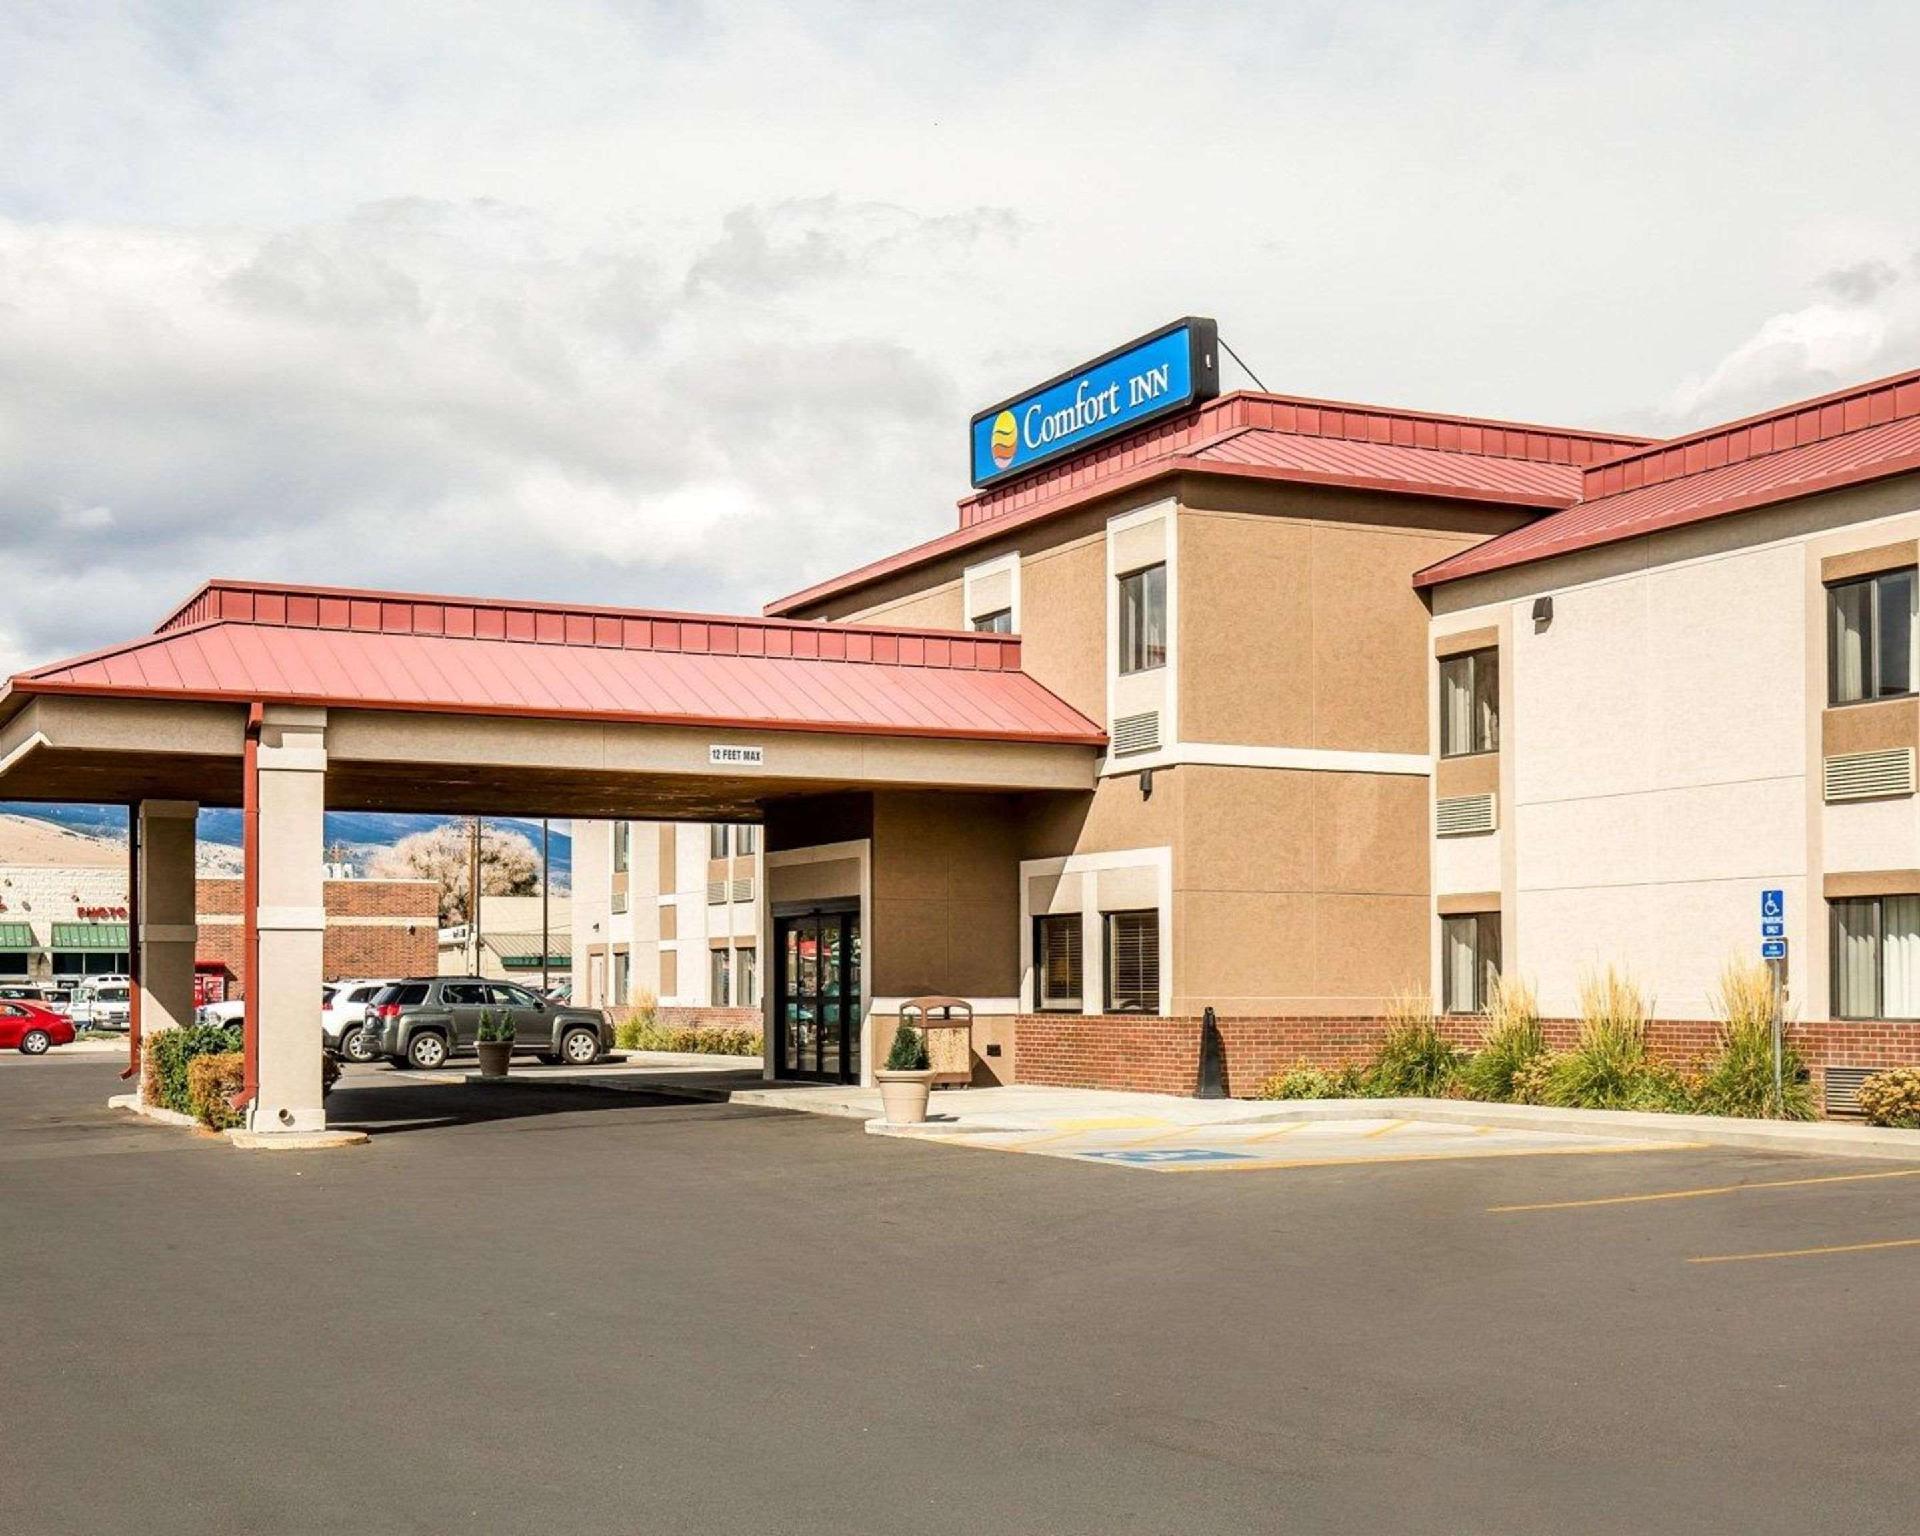 Comfort Inn At Buffalo Bill Village Resort